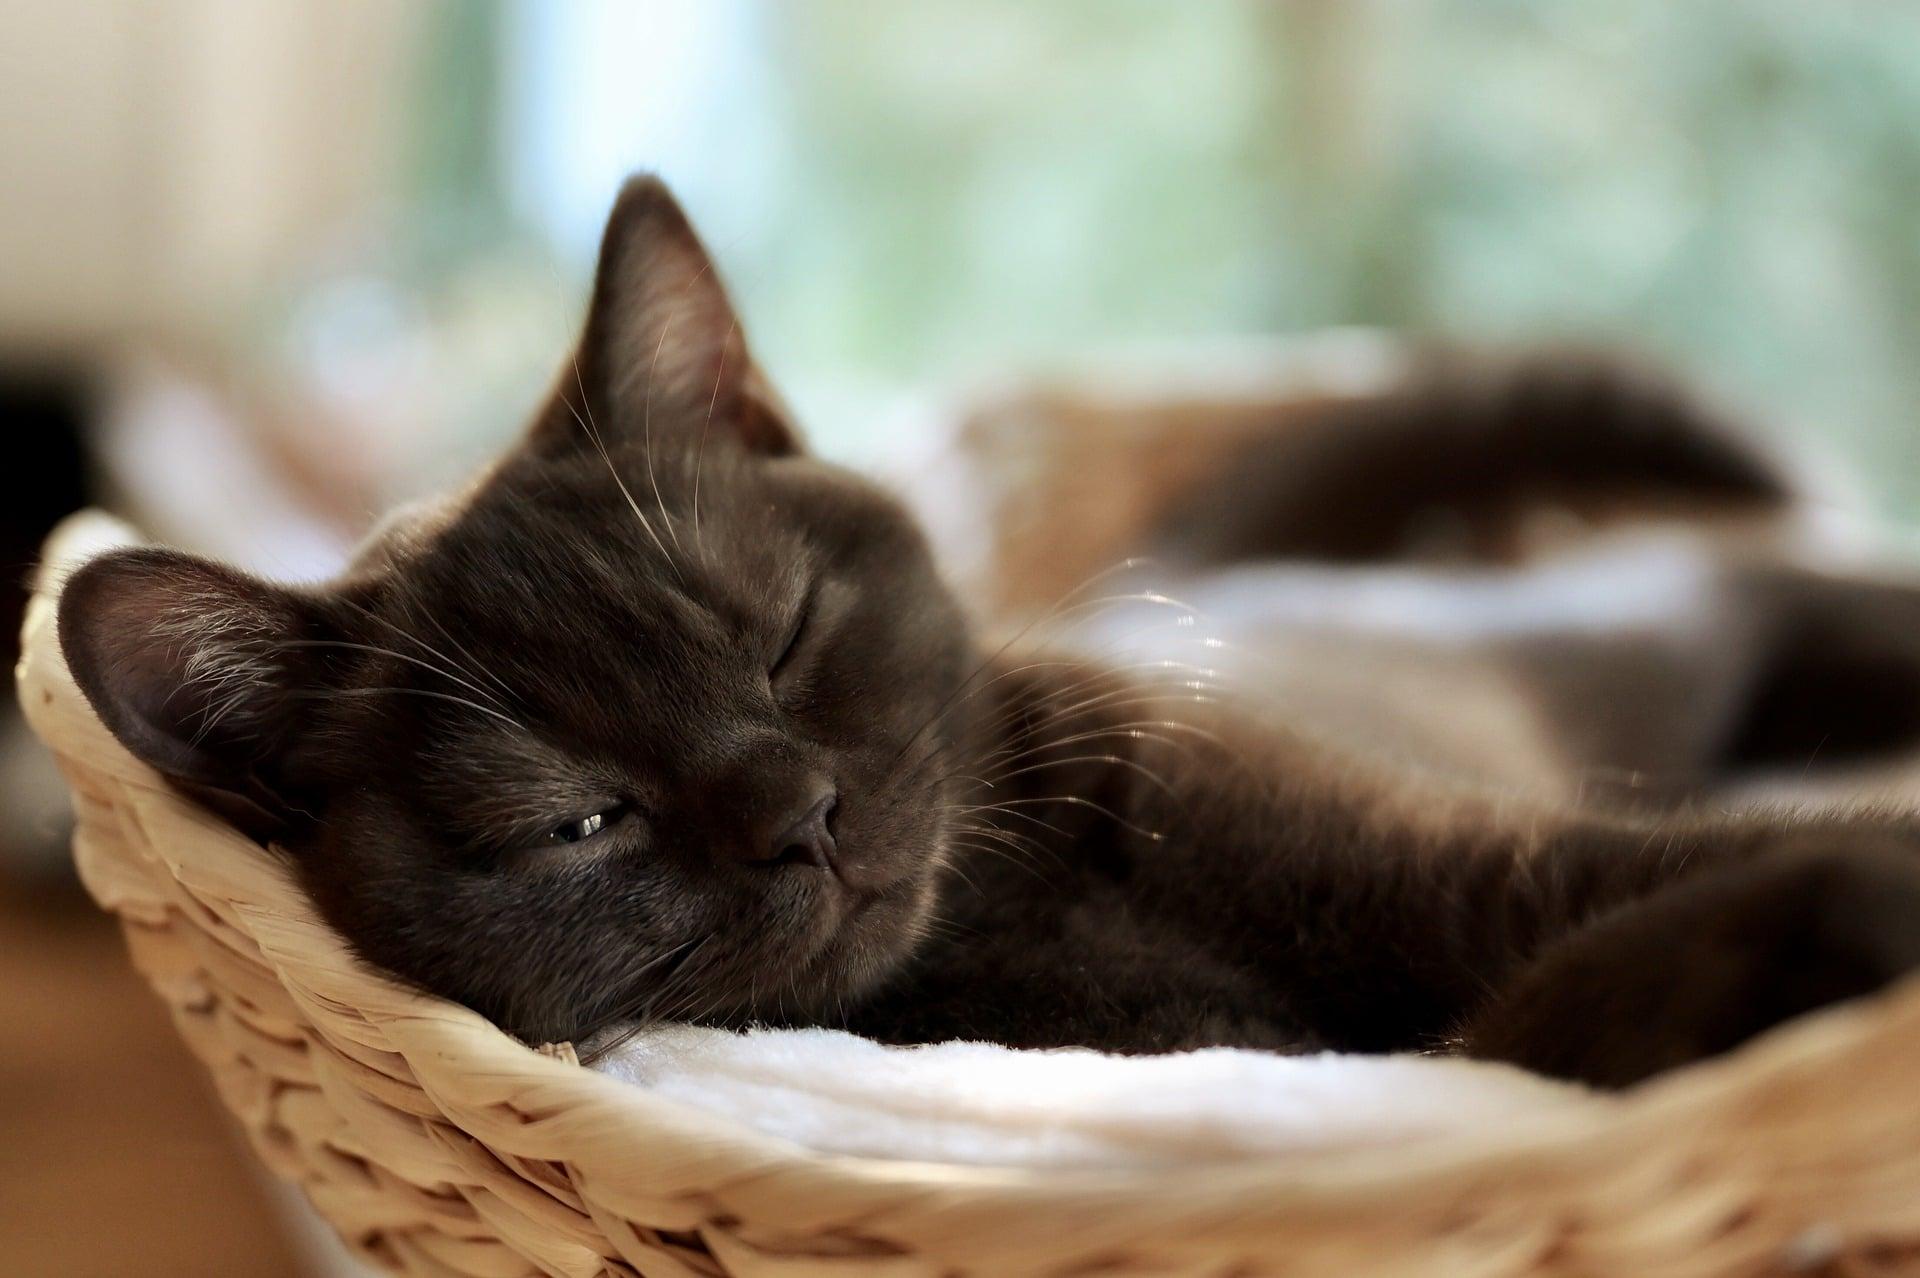 Los gatos duermen muchas horas